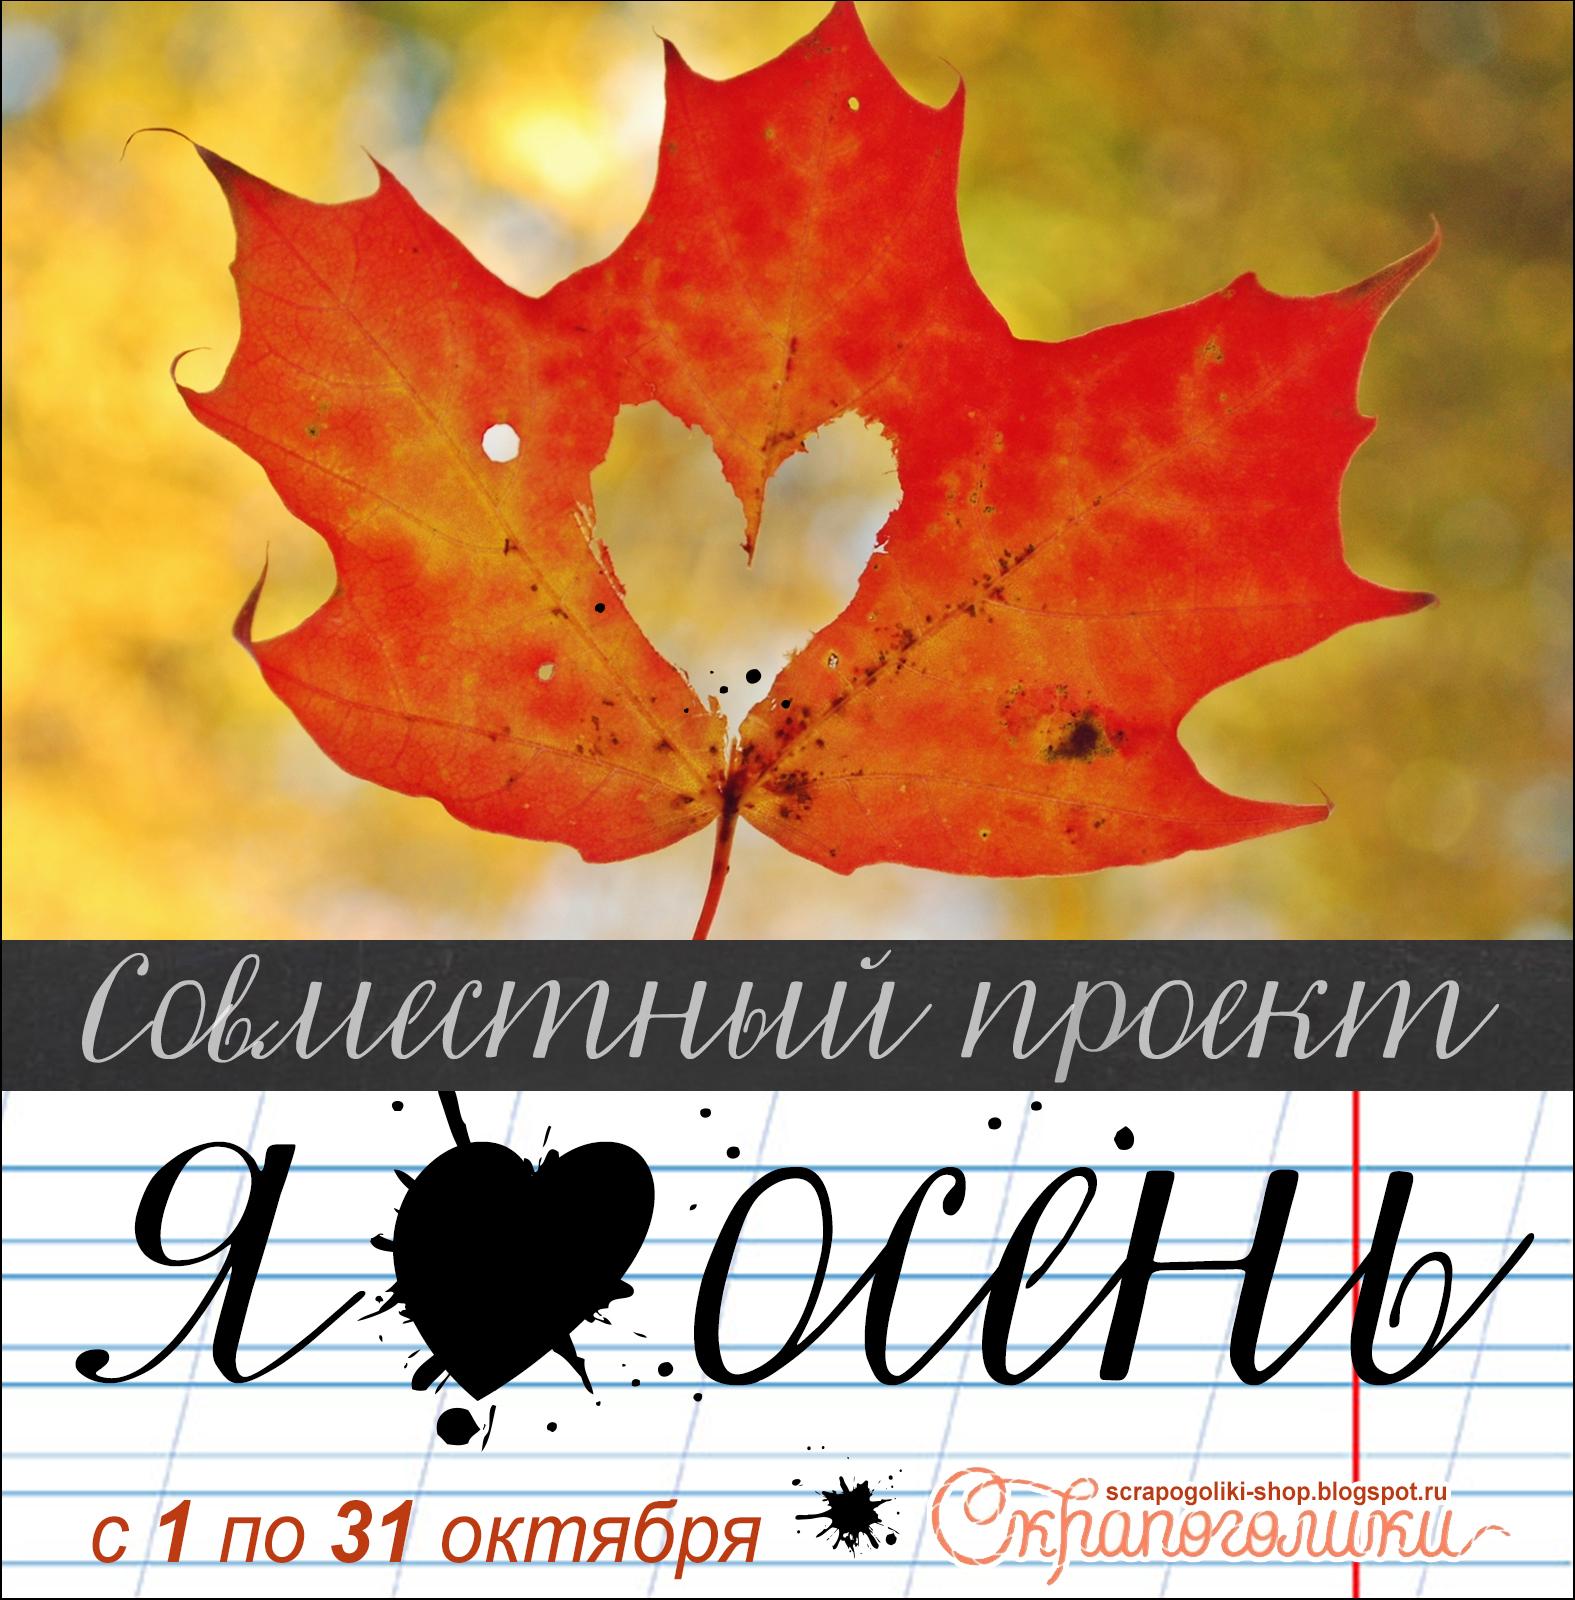 cn - Scrapogoliki